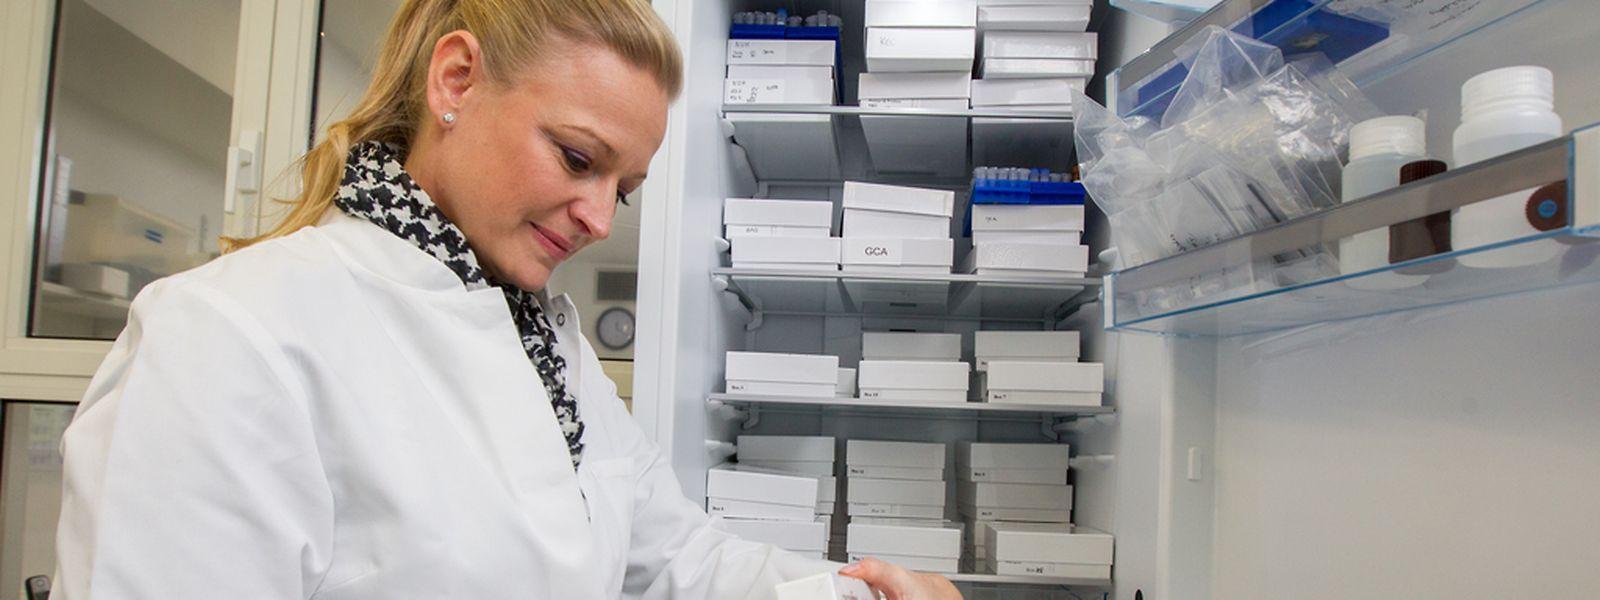 Die Biotech-Branche ist ein Wirtschaftszweig, der sich Steuervorteile für Gewinne aus Patenten wünscht.